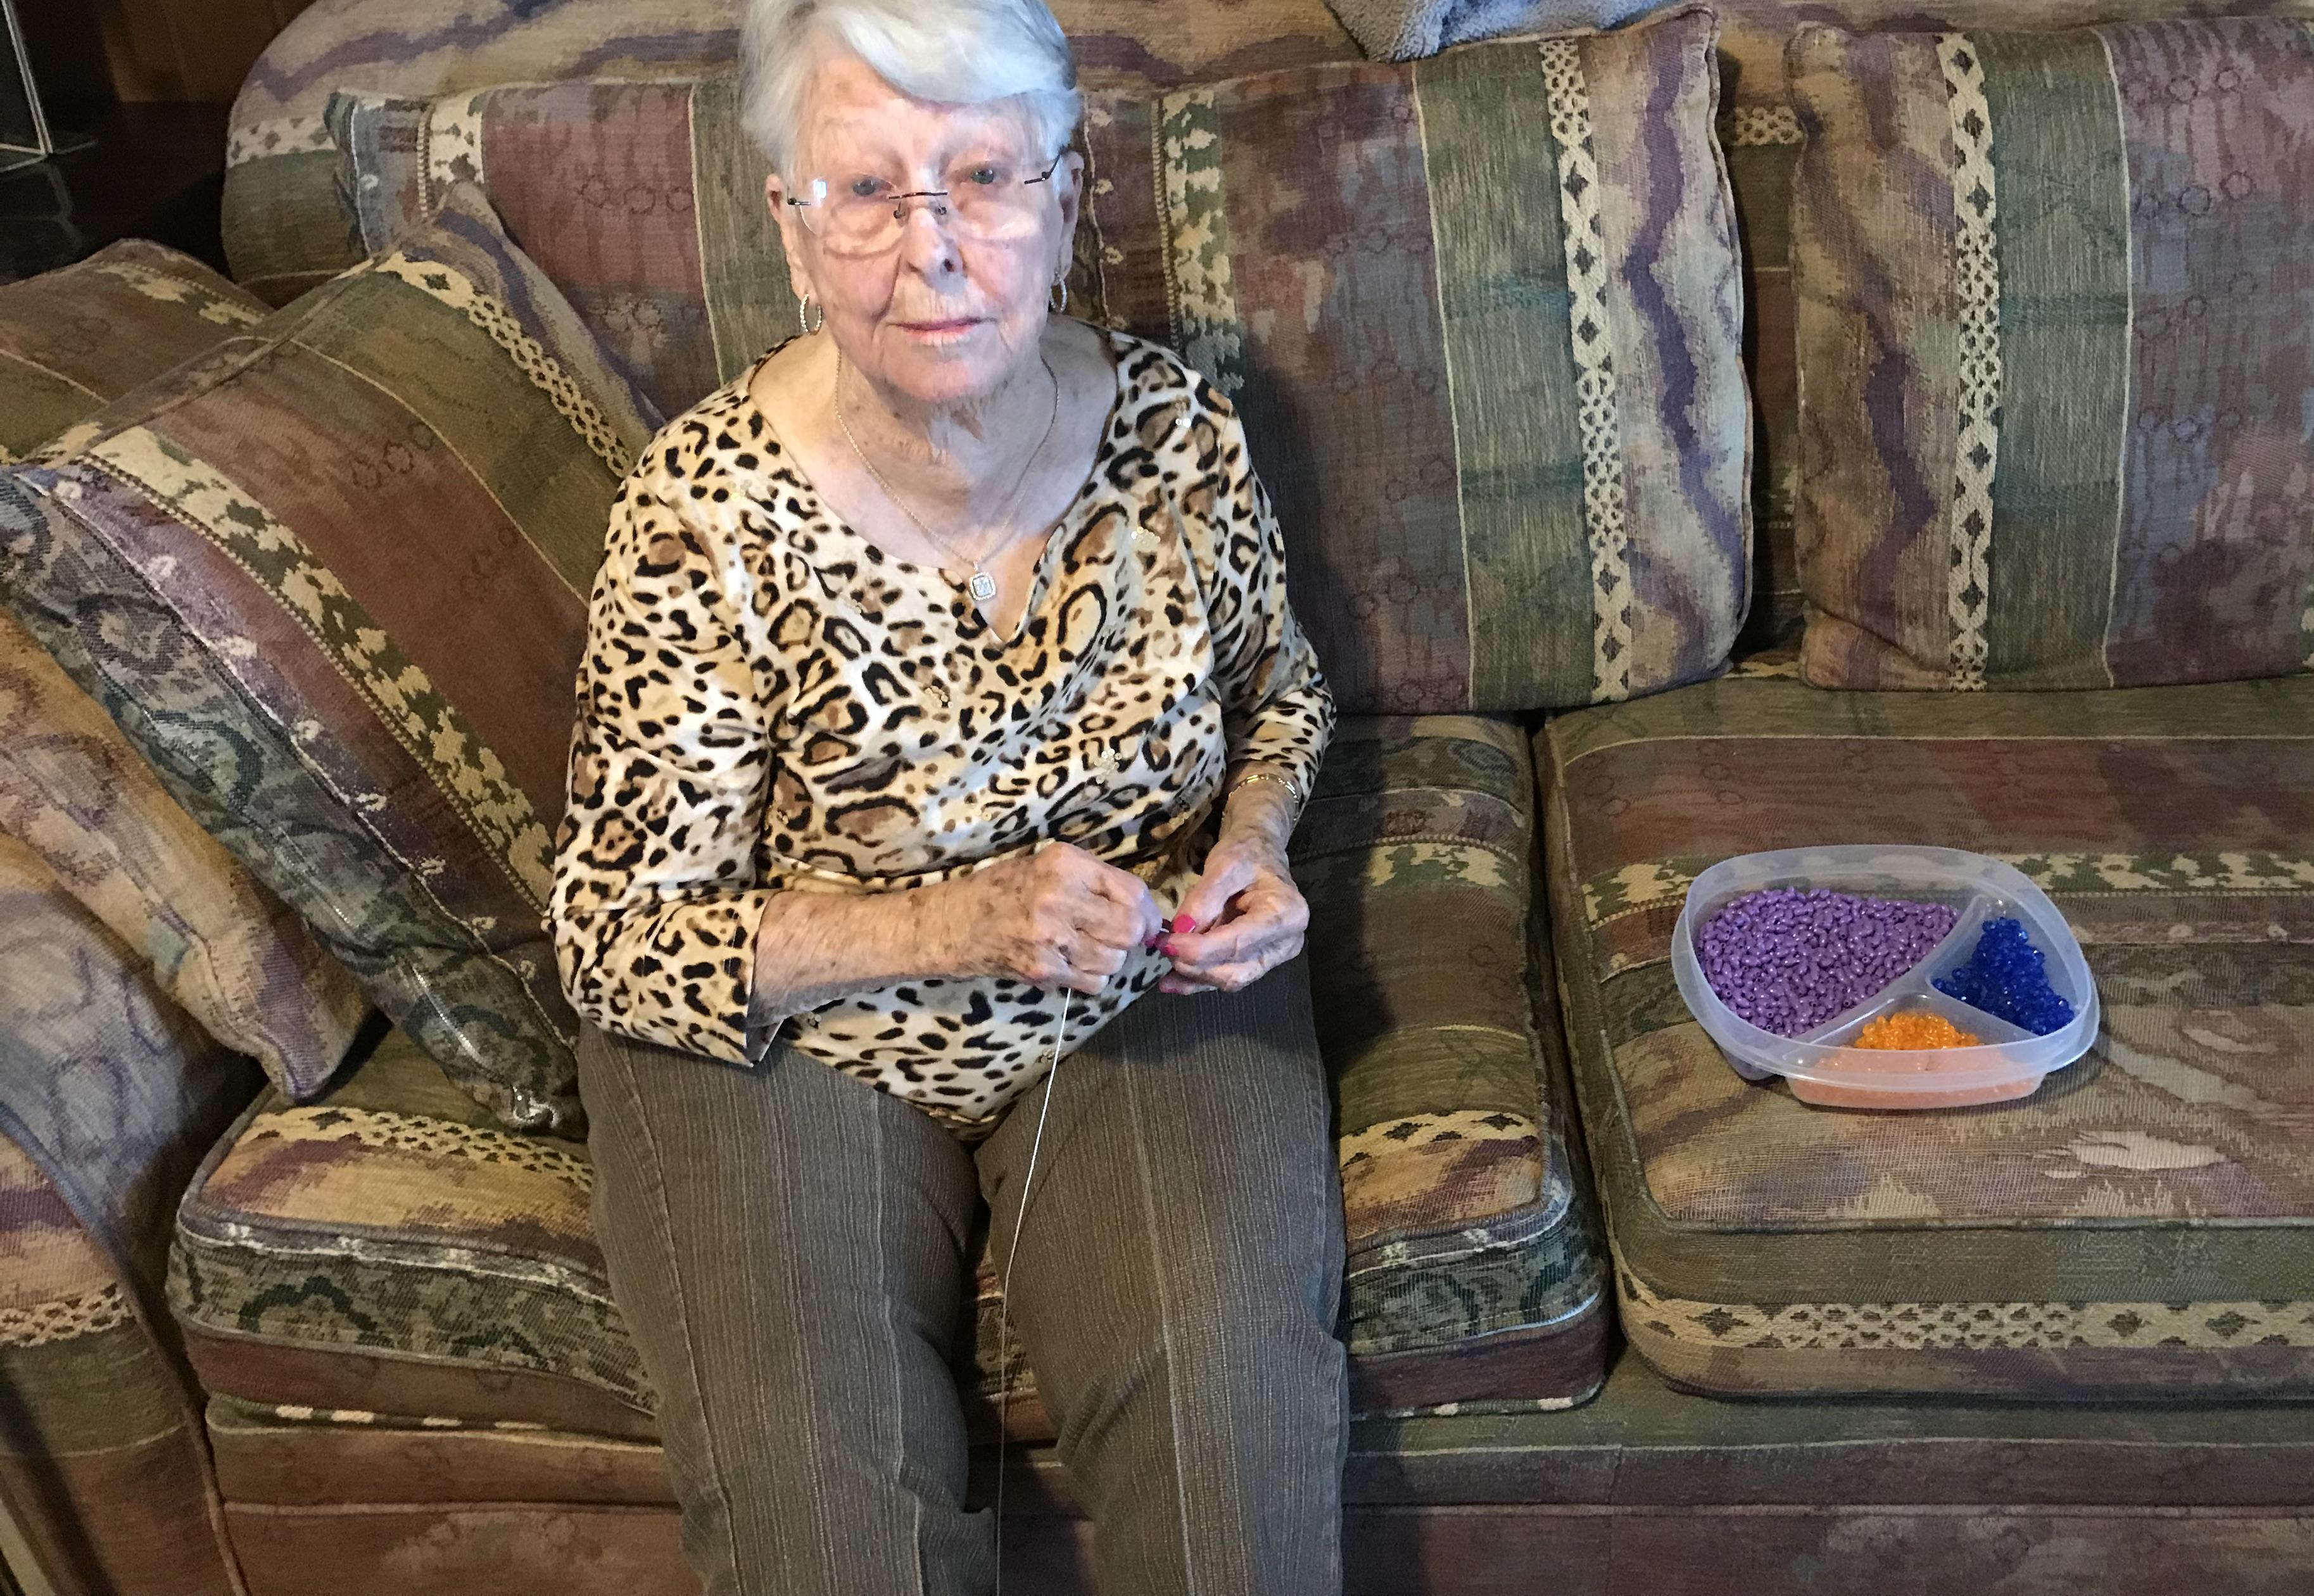 At almost 100, Clodine Norris enjoys making rosaries.